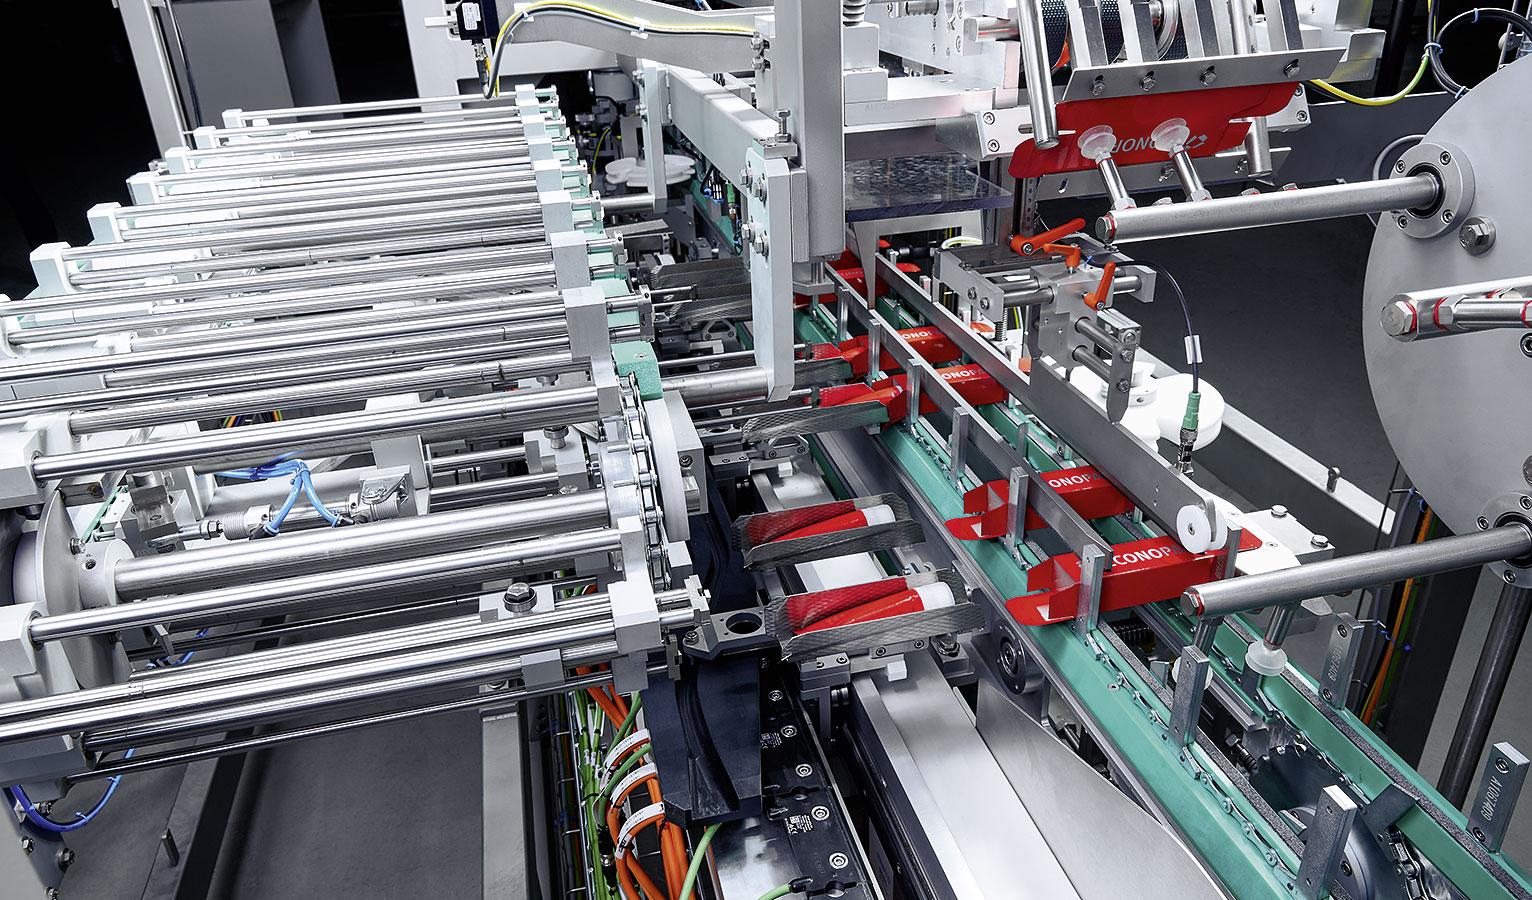 费斯托气缸系统工业流水线快速完美